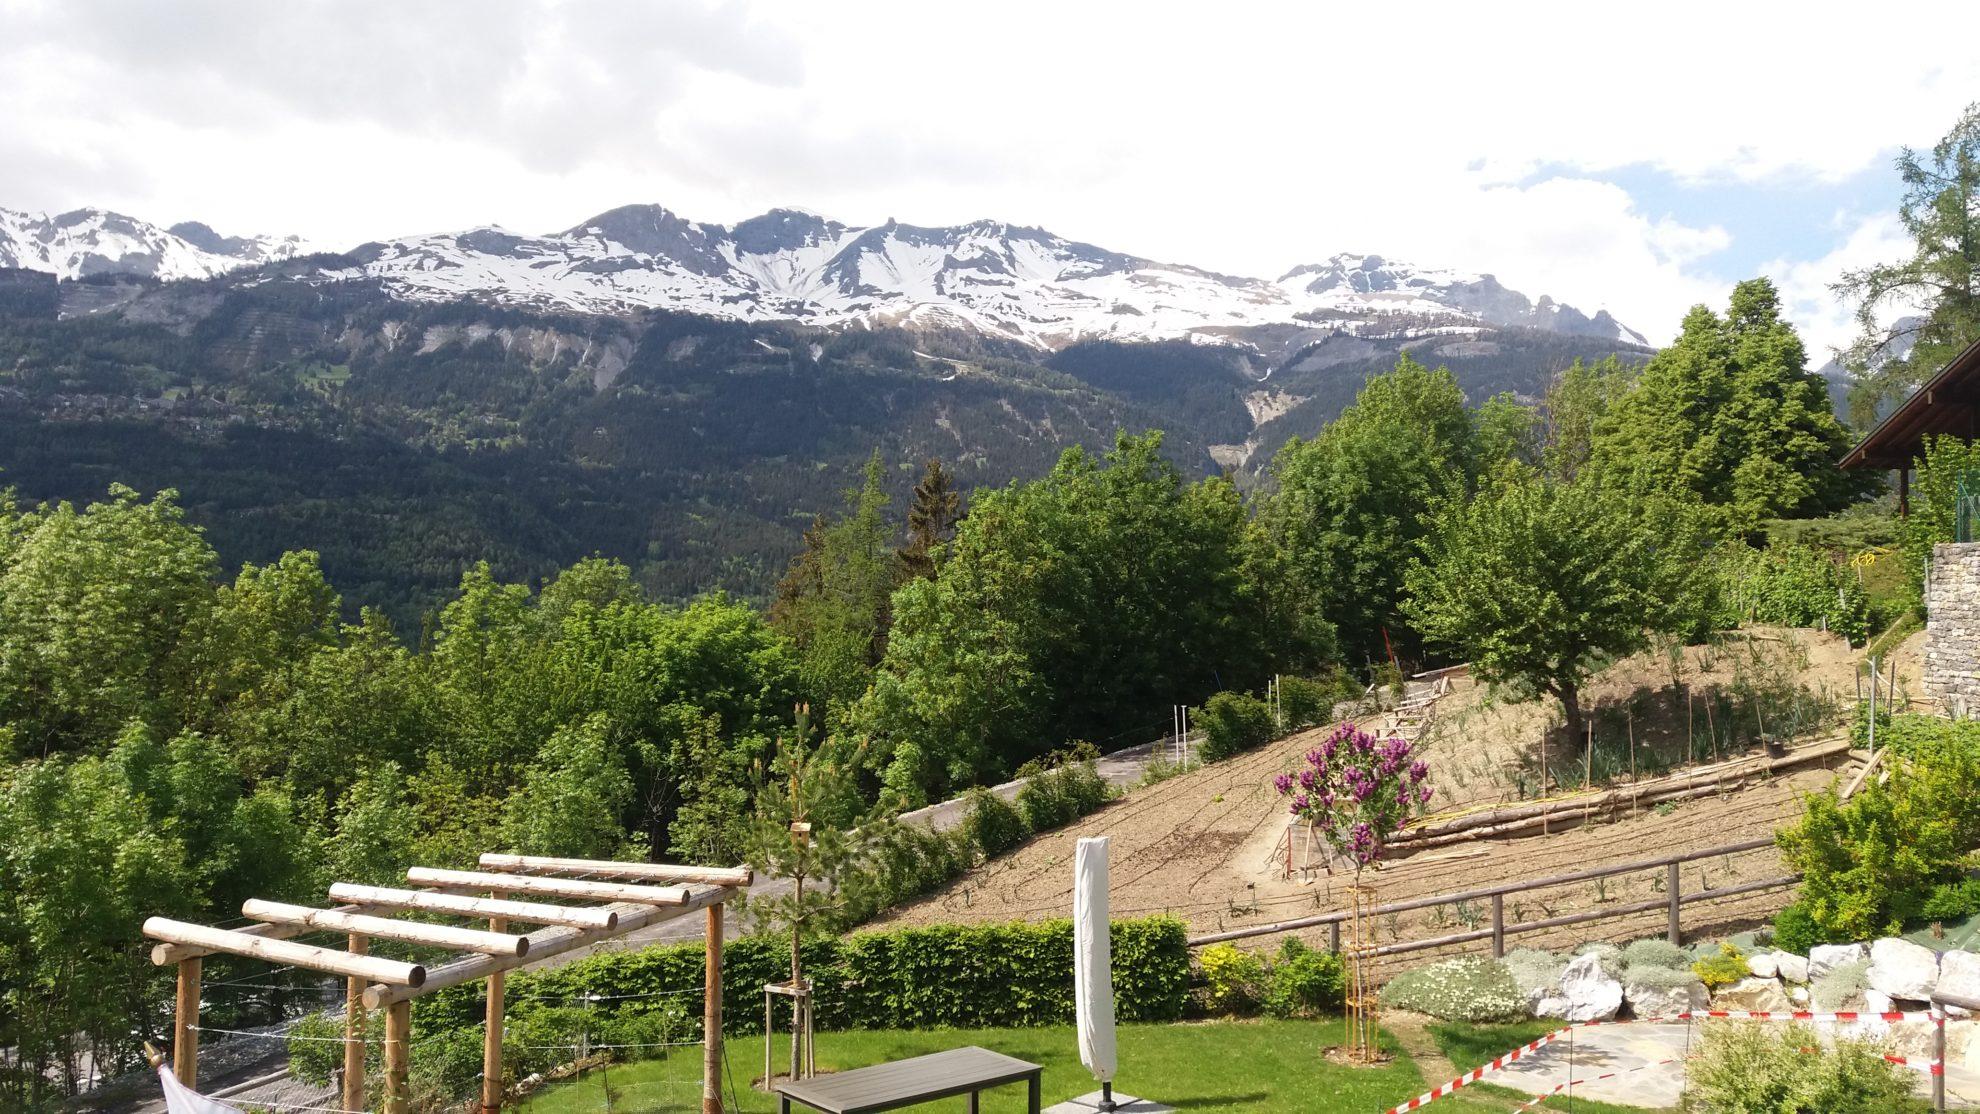 Soggiorno in Svizzera | Villaggio Sant\'Antonio ONLUS